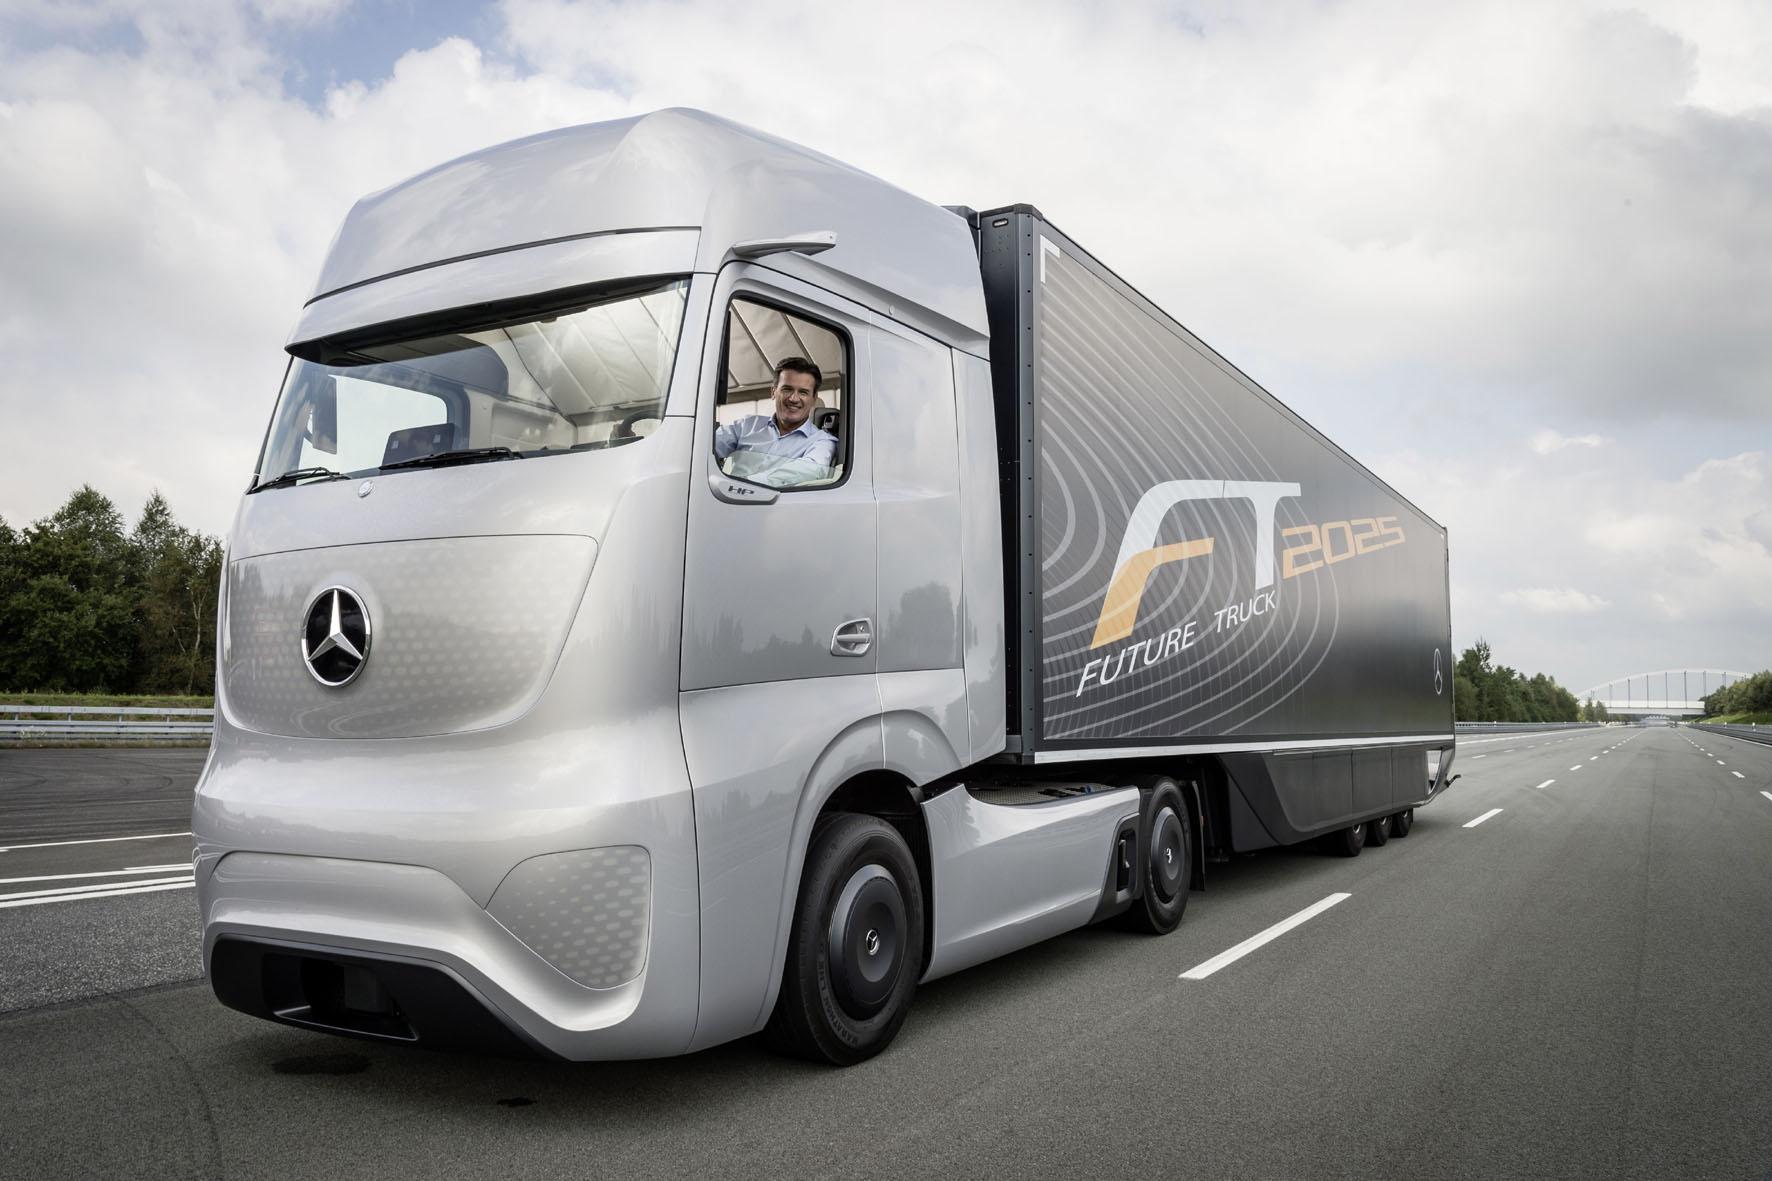 Lastwagen der Zukunft: Wohin geht die Reise?